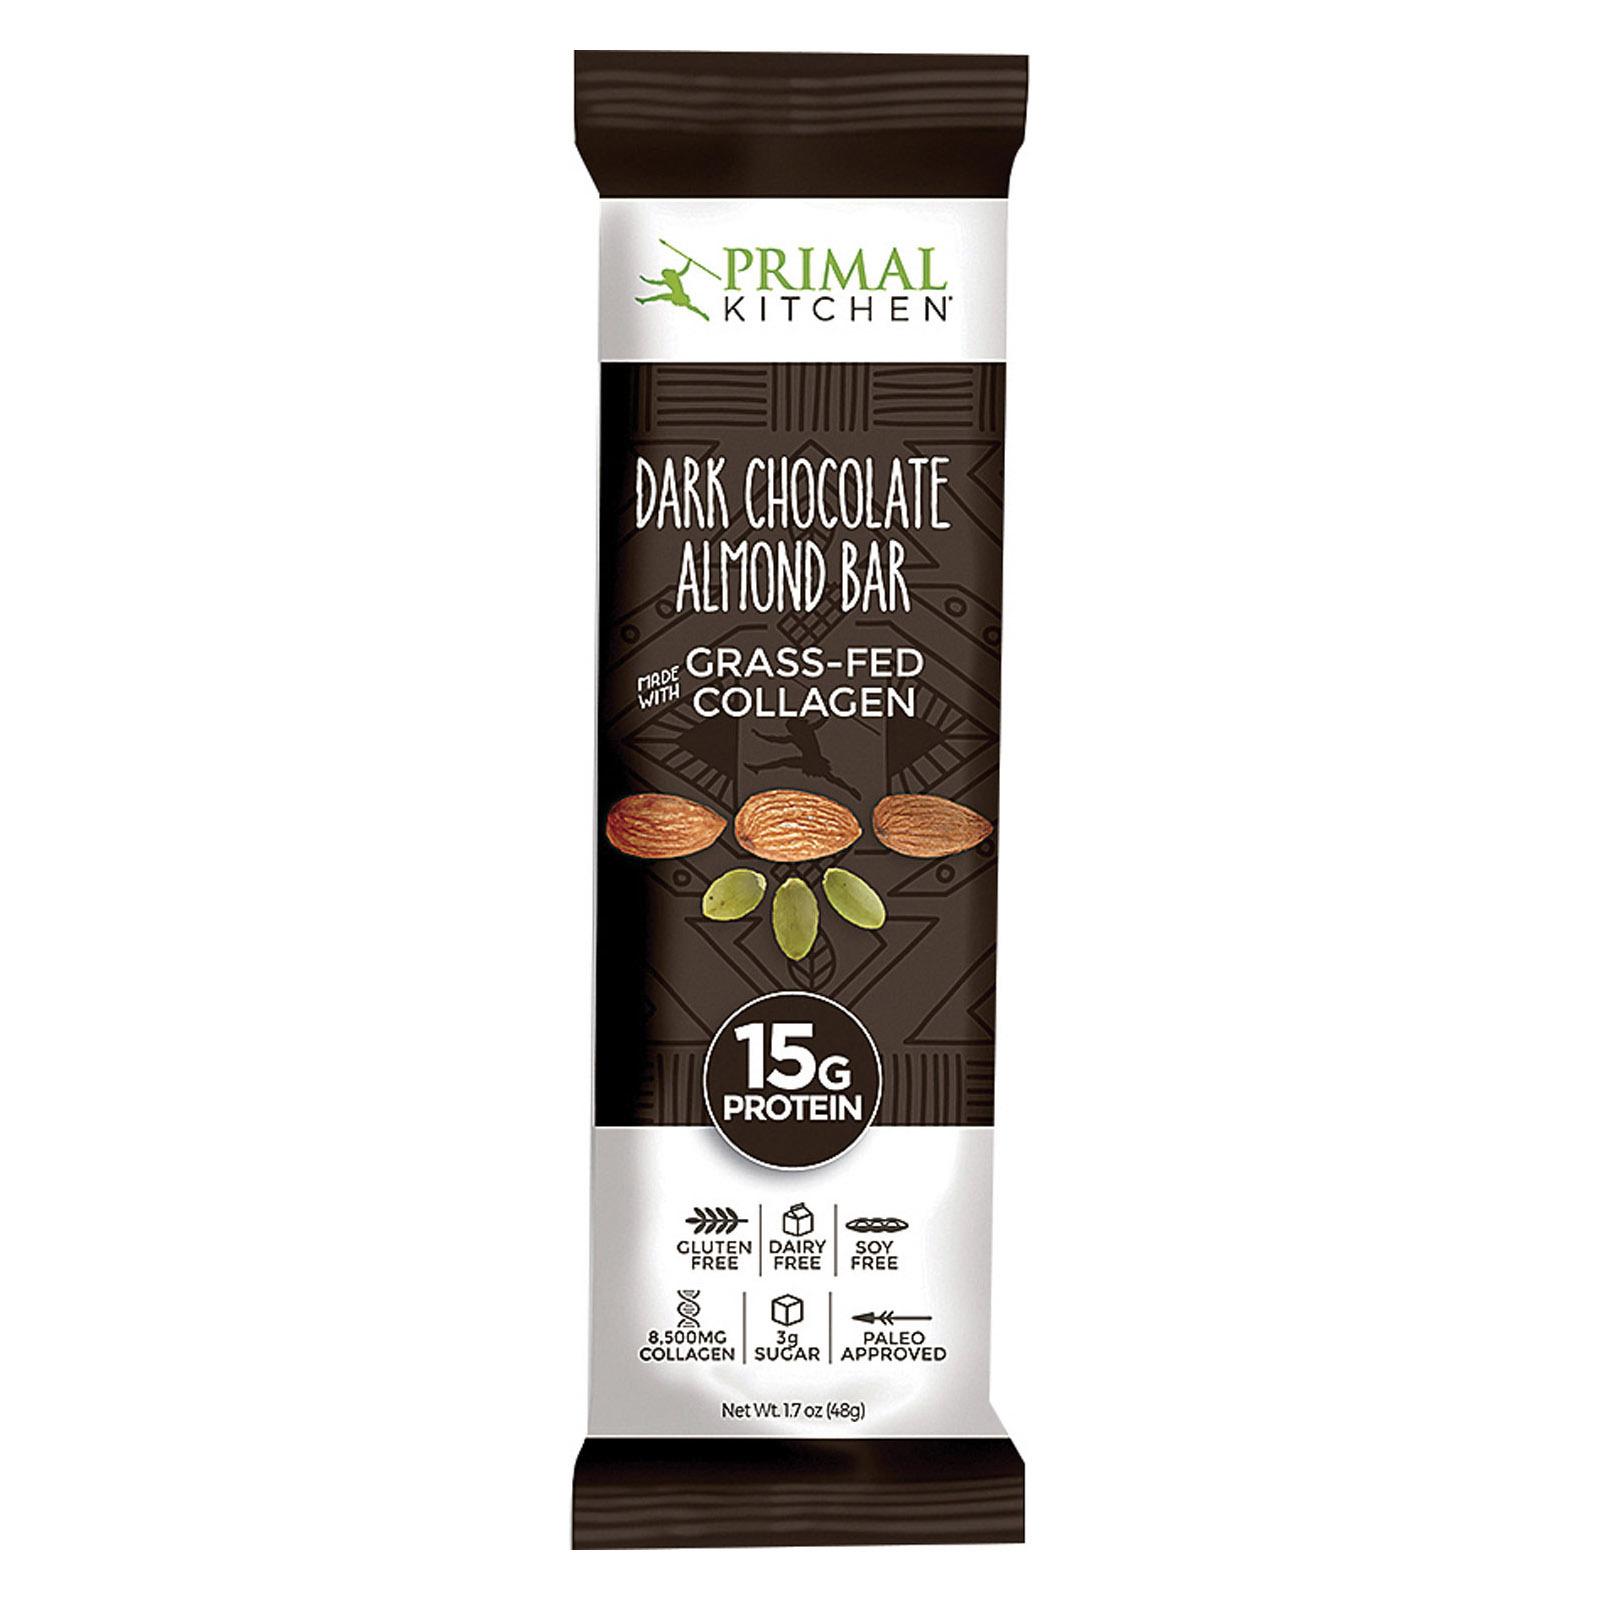 Primal Kitchen Almond Bars - Dark Chocolate - Case of 12 - 1.7 oz.